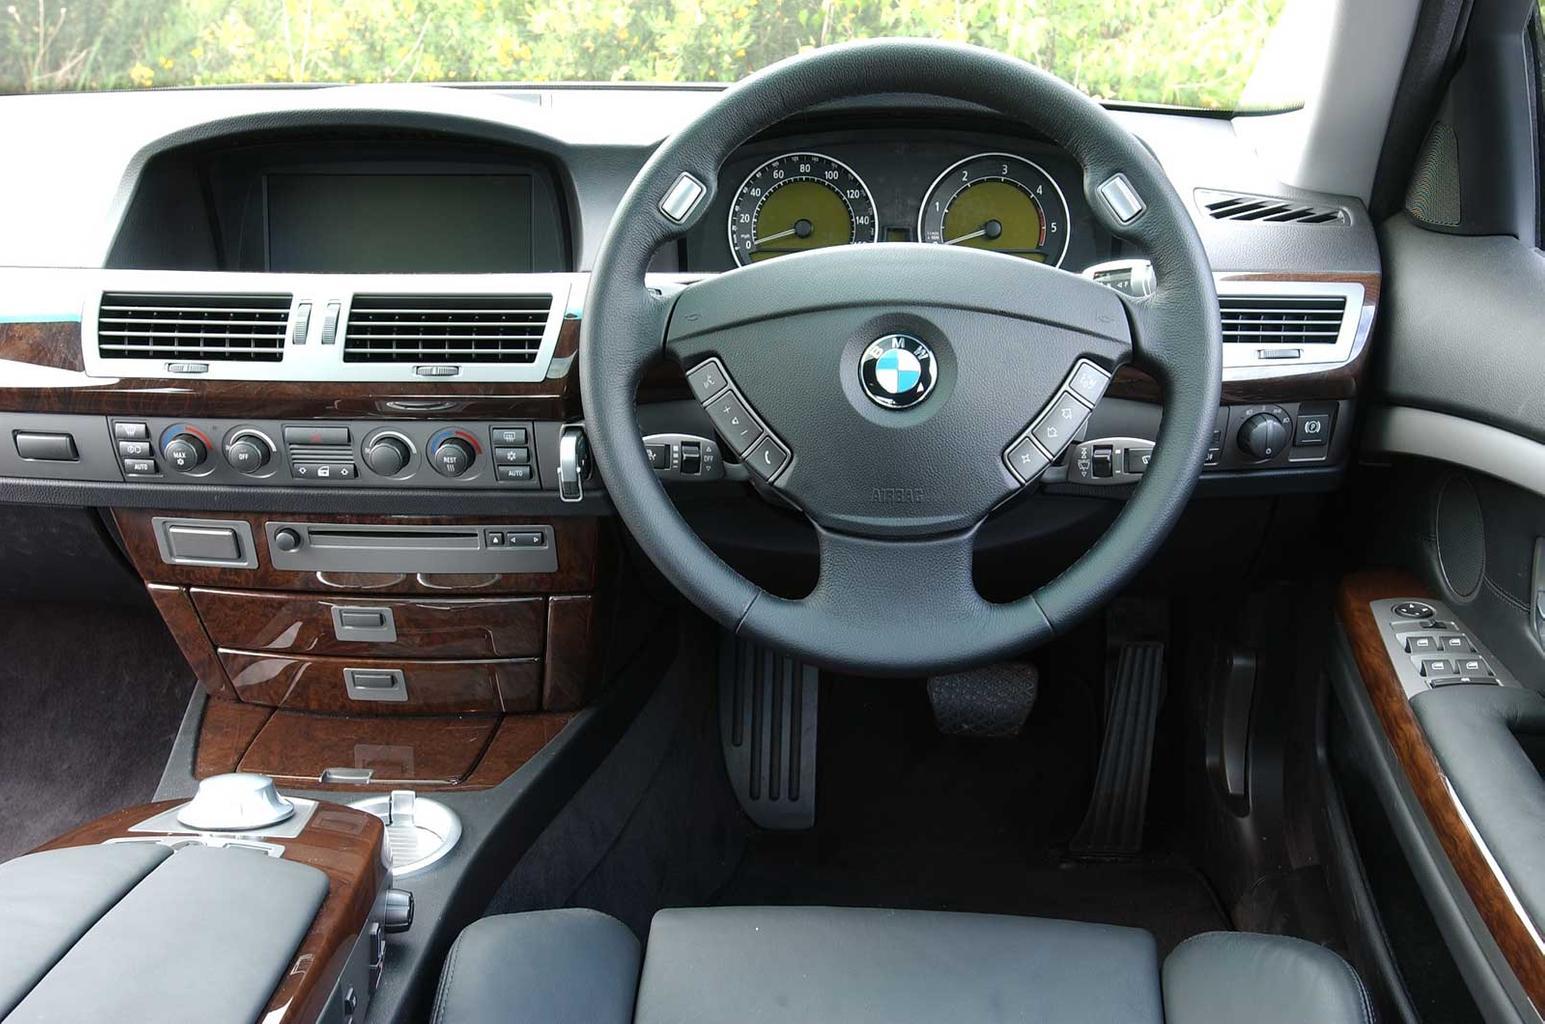 Used car of the week: BMW 7 Series